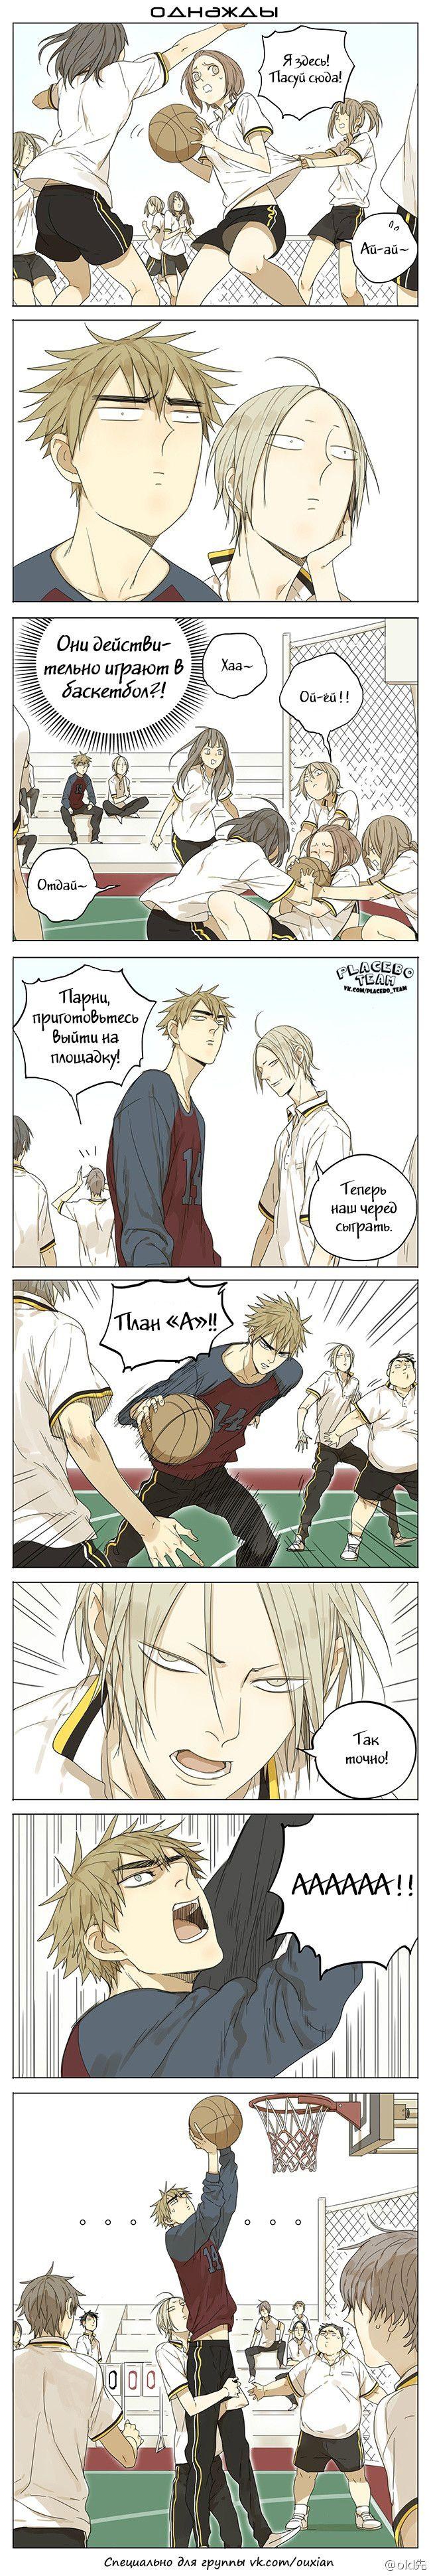 Чтение манги 19 Дней - Однажды 1 - 23 Игра в баскетбол! - самые свежие переводы. Read manga online! - ReadManga.me